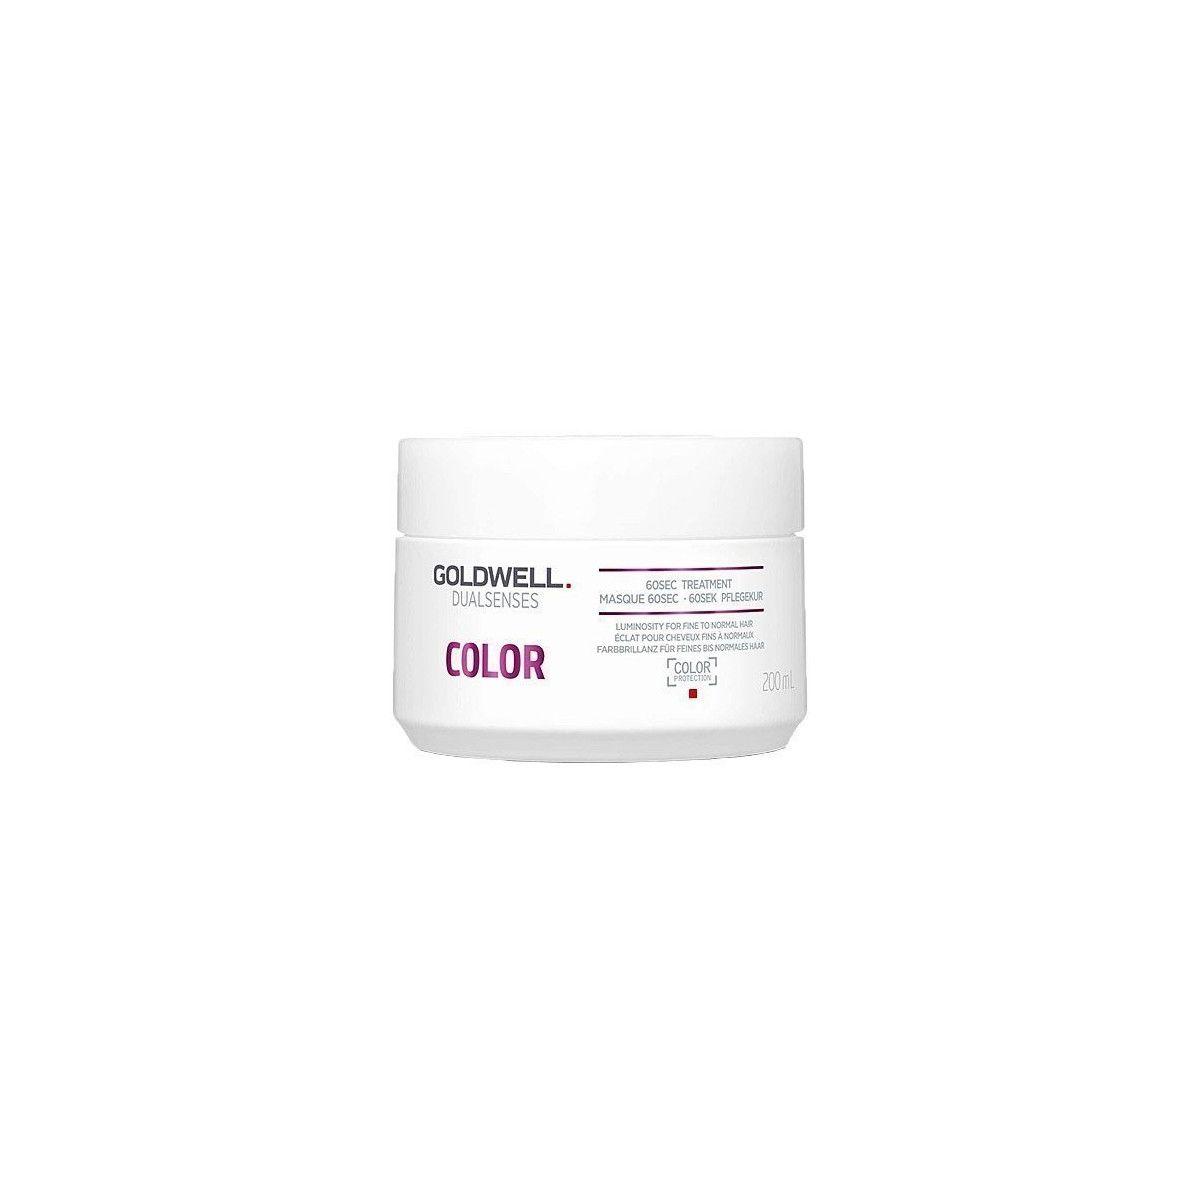 Goldwell DLS Color 60 sec, balsam do włosów przedłużający trwałość koloru 200ml